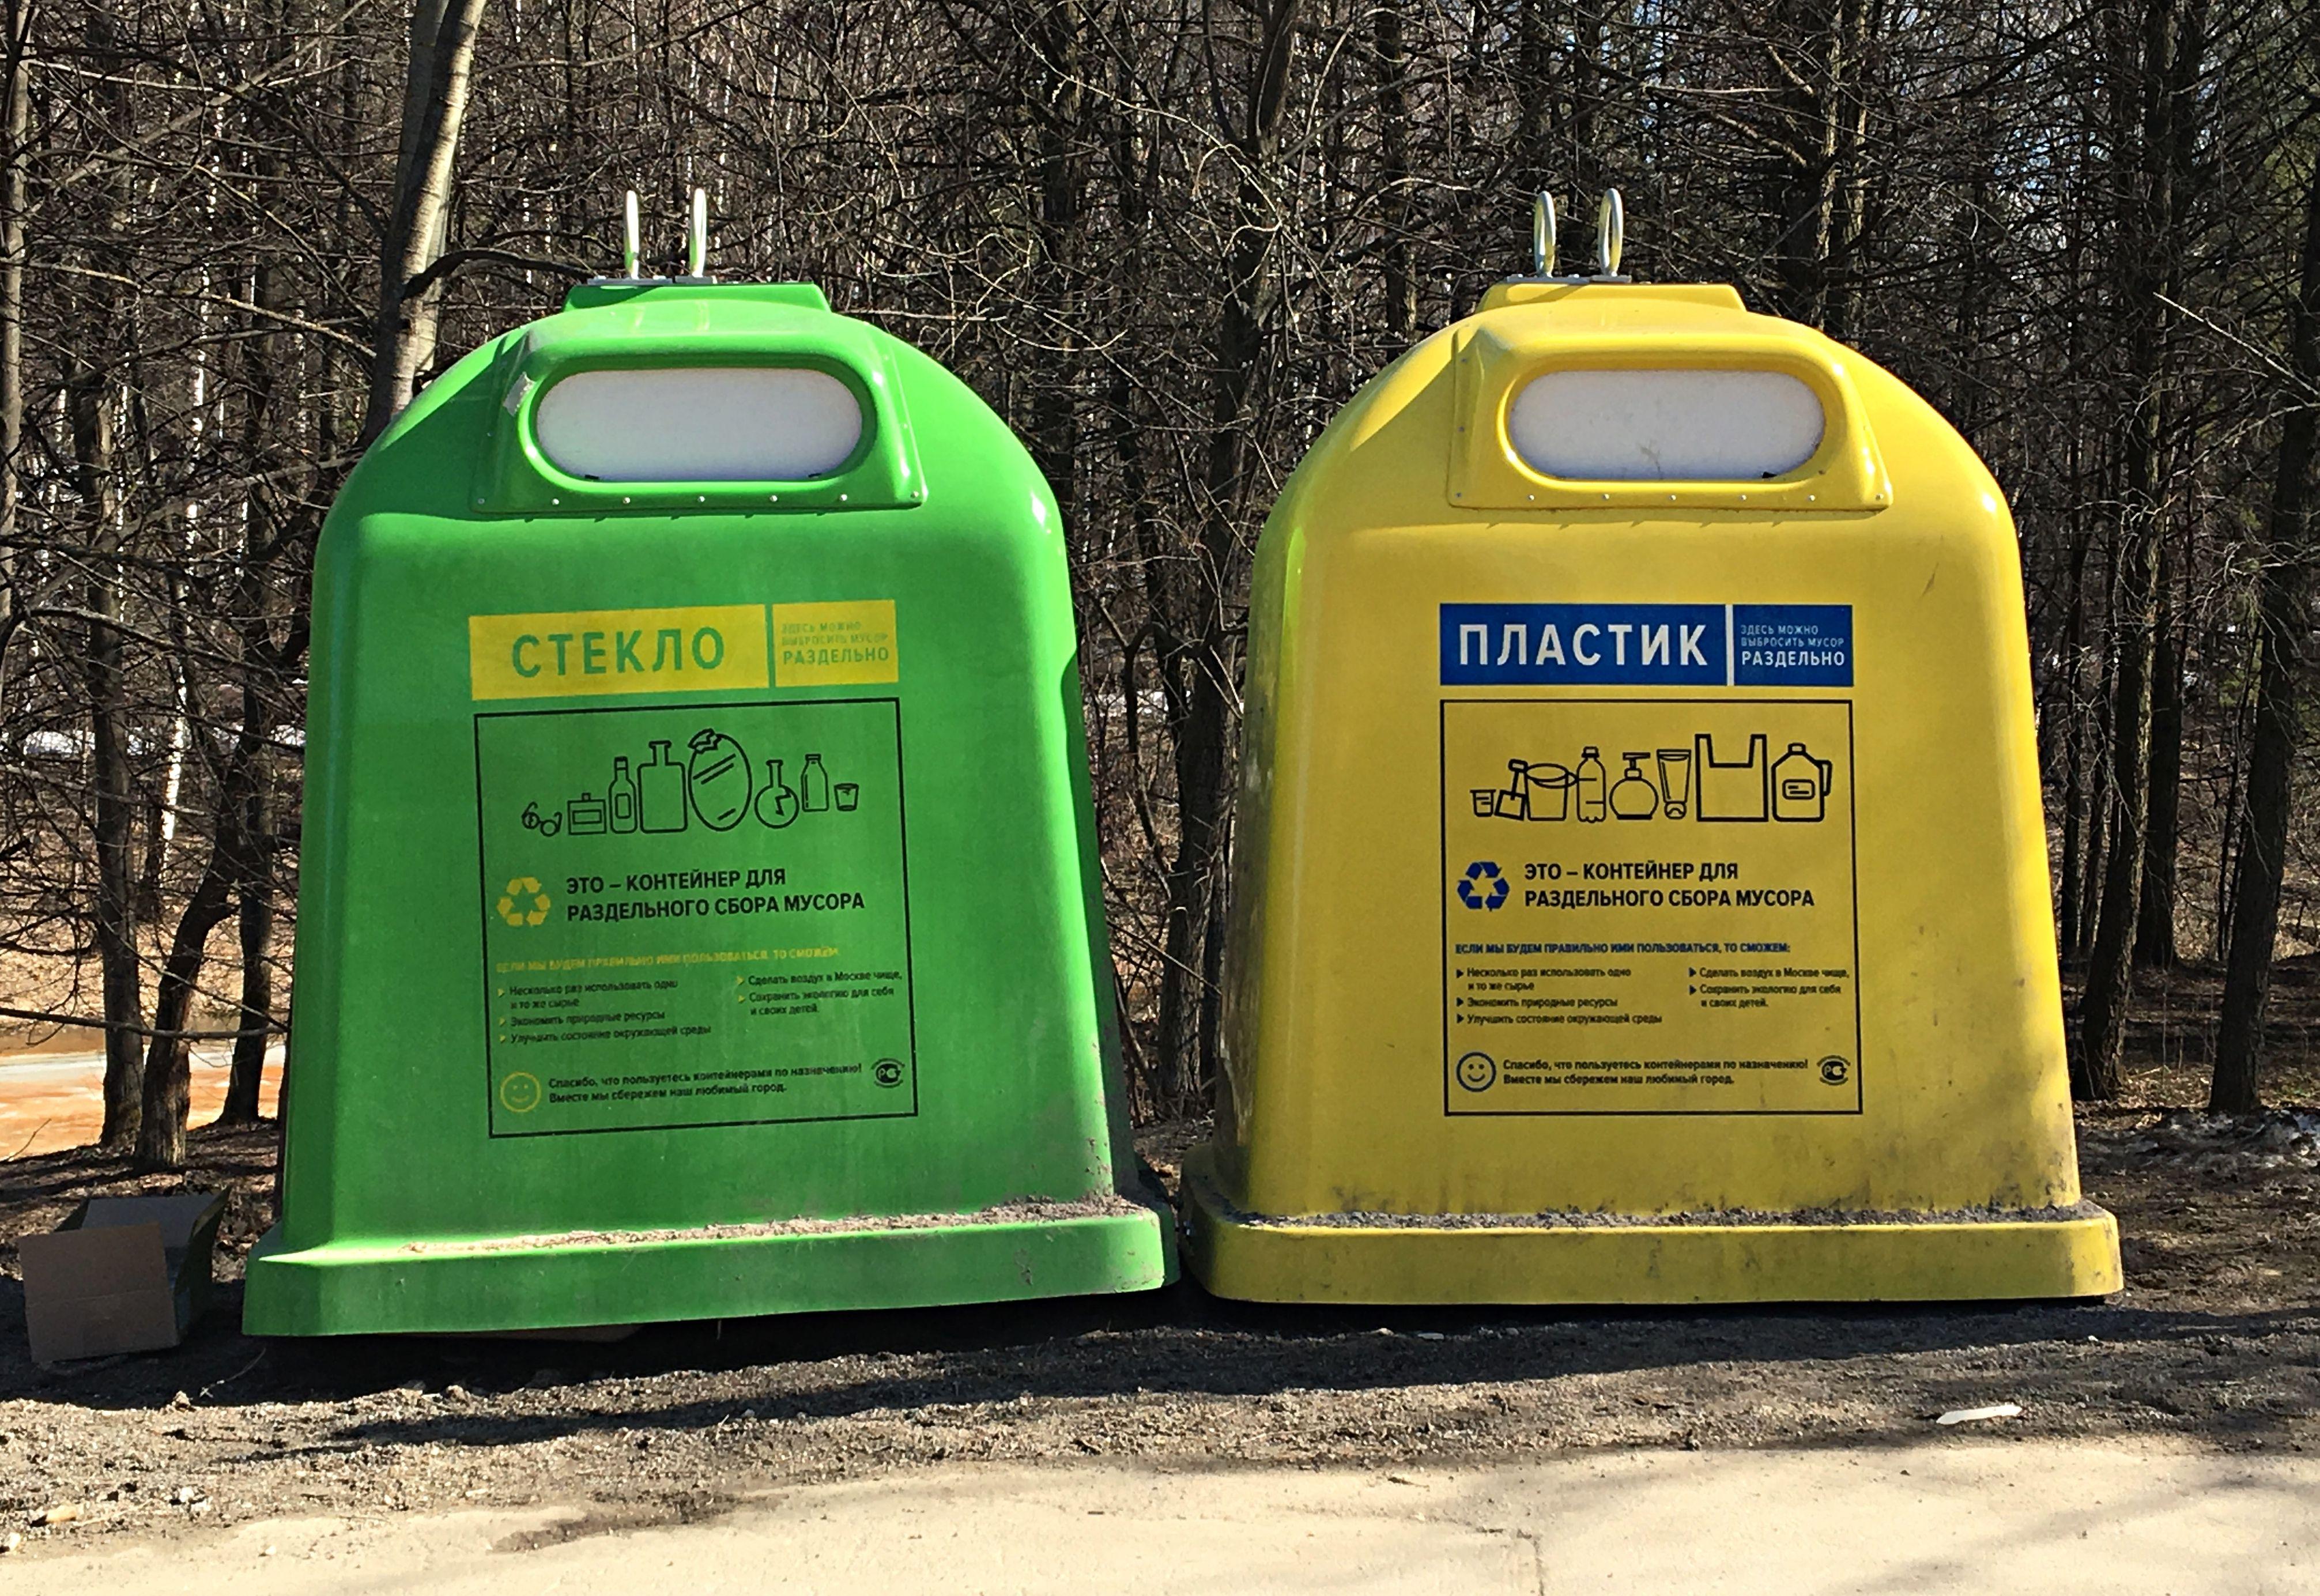 «Активный гражданин» определит готовность москвичей к сортировке отходов. Фото: архив